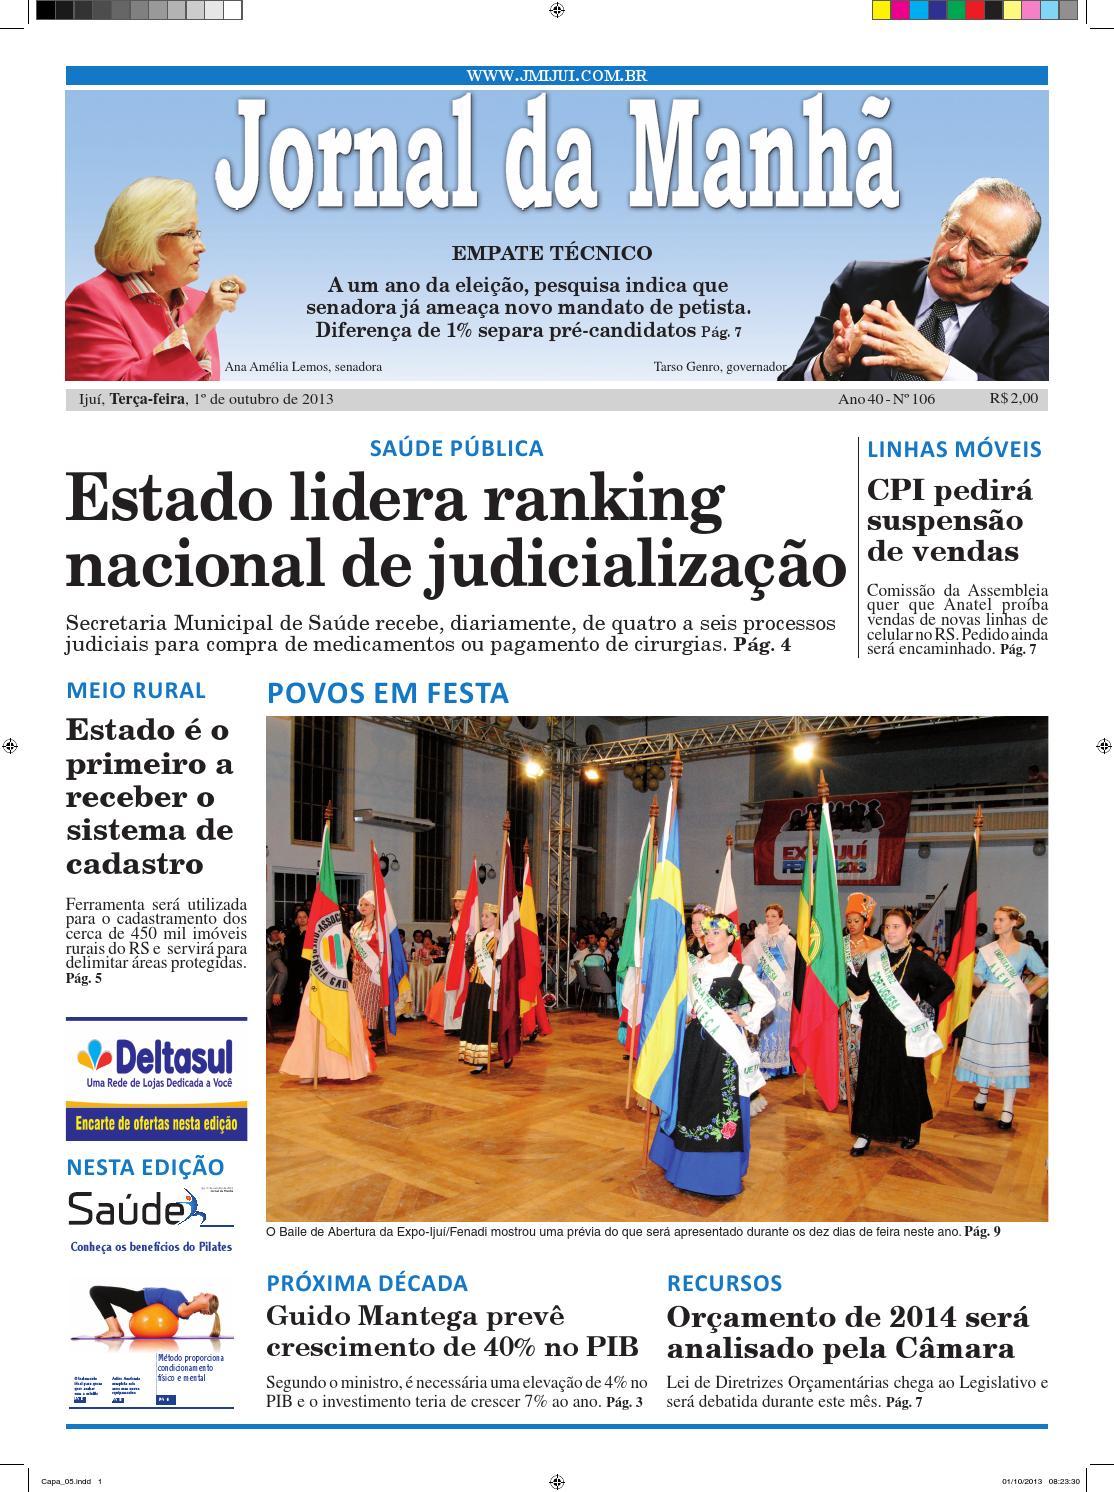 Jornal da Manhã 01.10.2013 by Classificados Jornal da Manhã - issuu 731d0ef7ef200